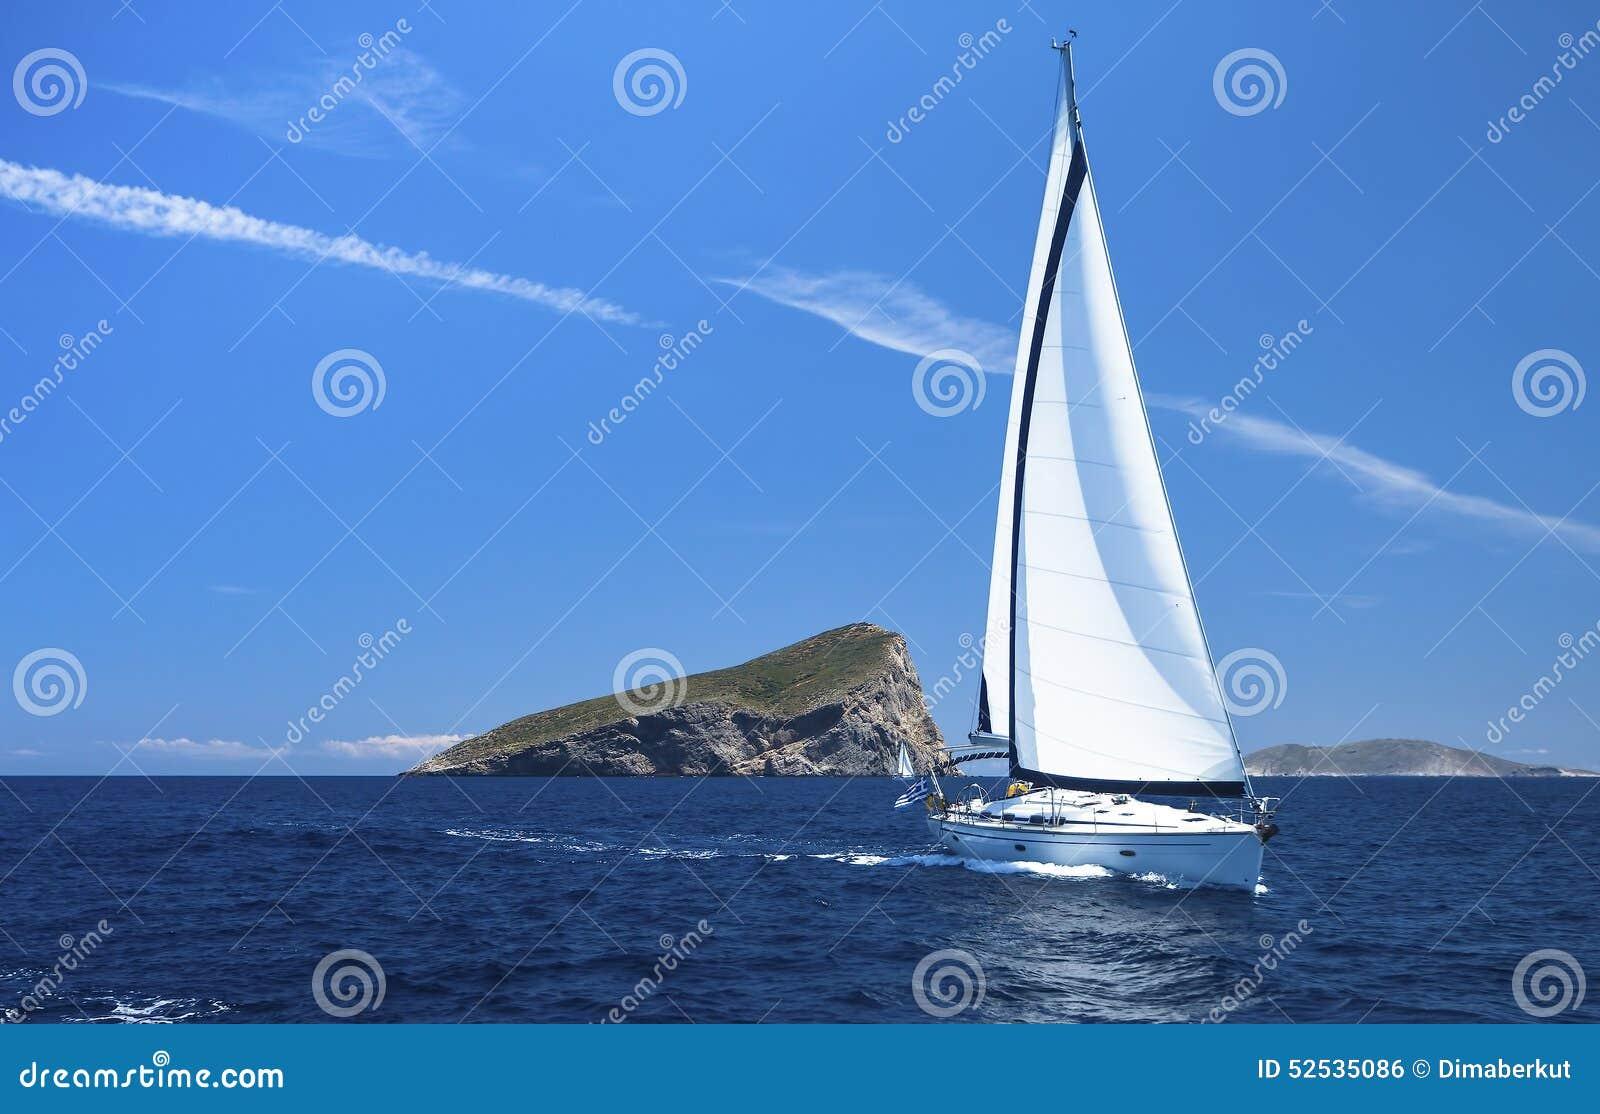 乘快艇 蓝色颜色黑暗的losed赛船会航行航行天空体育运动赢利地区 豪华游艇行在小游艇船坞船坞的 体育运动